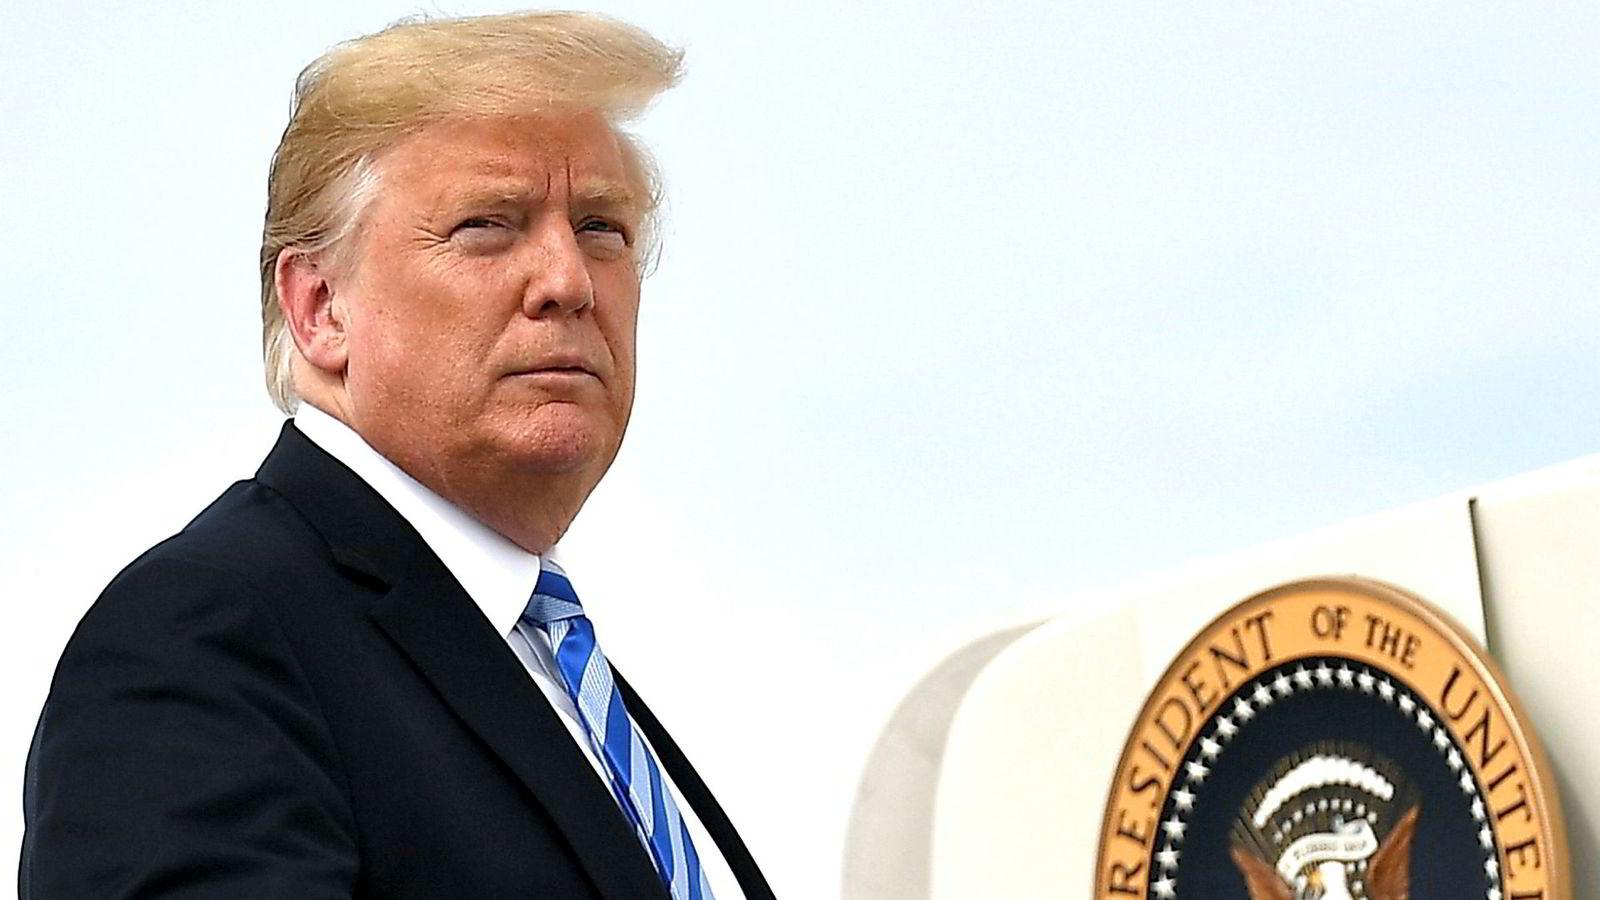 Trump følger et karakteristisk mønster: Trusler – «fire and fury» – følges av håndtrykk, en klem og plutselig, gjensidig forståelse.